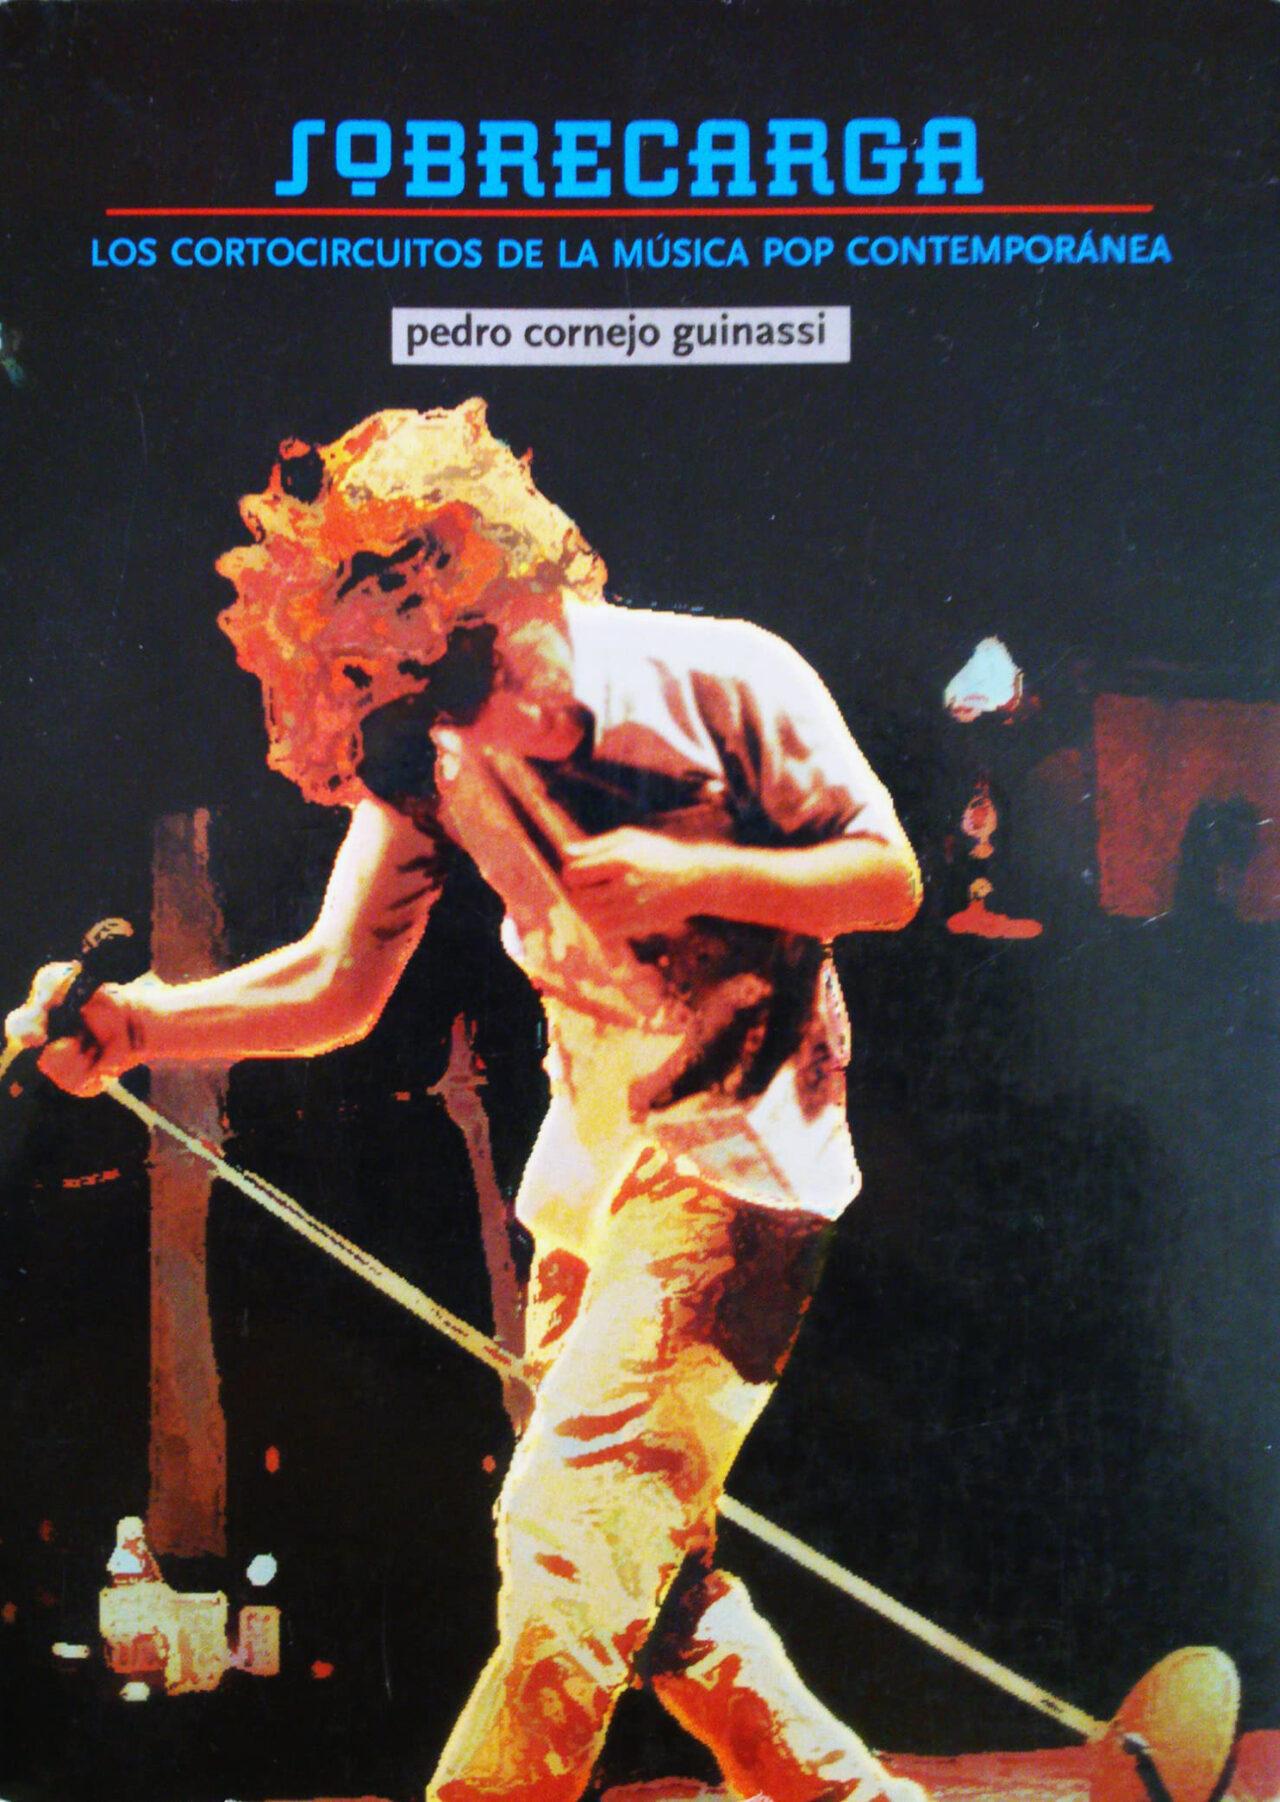 Sobrecarga: Los Cortocircuitos de la Música Pop Contemporánea, Pedro Cornejo Guinassi LIBRO